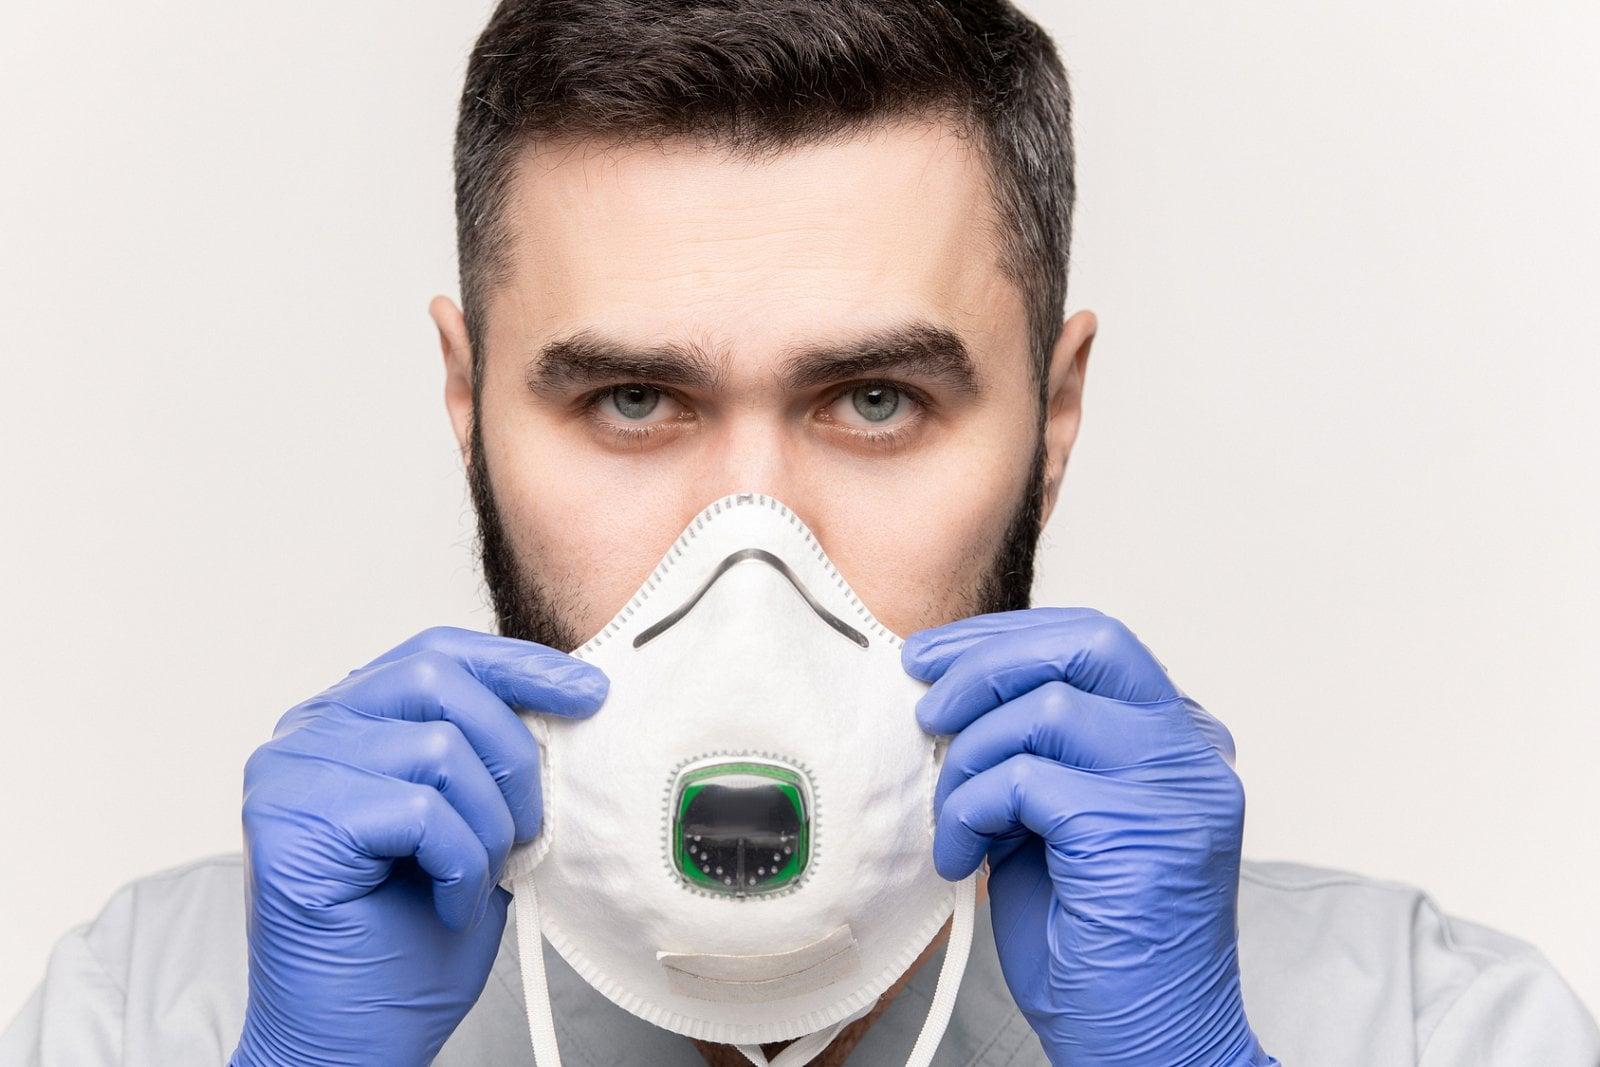 Respirátor filtruje většinu částic – když je správně nasazen